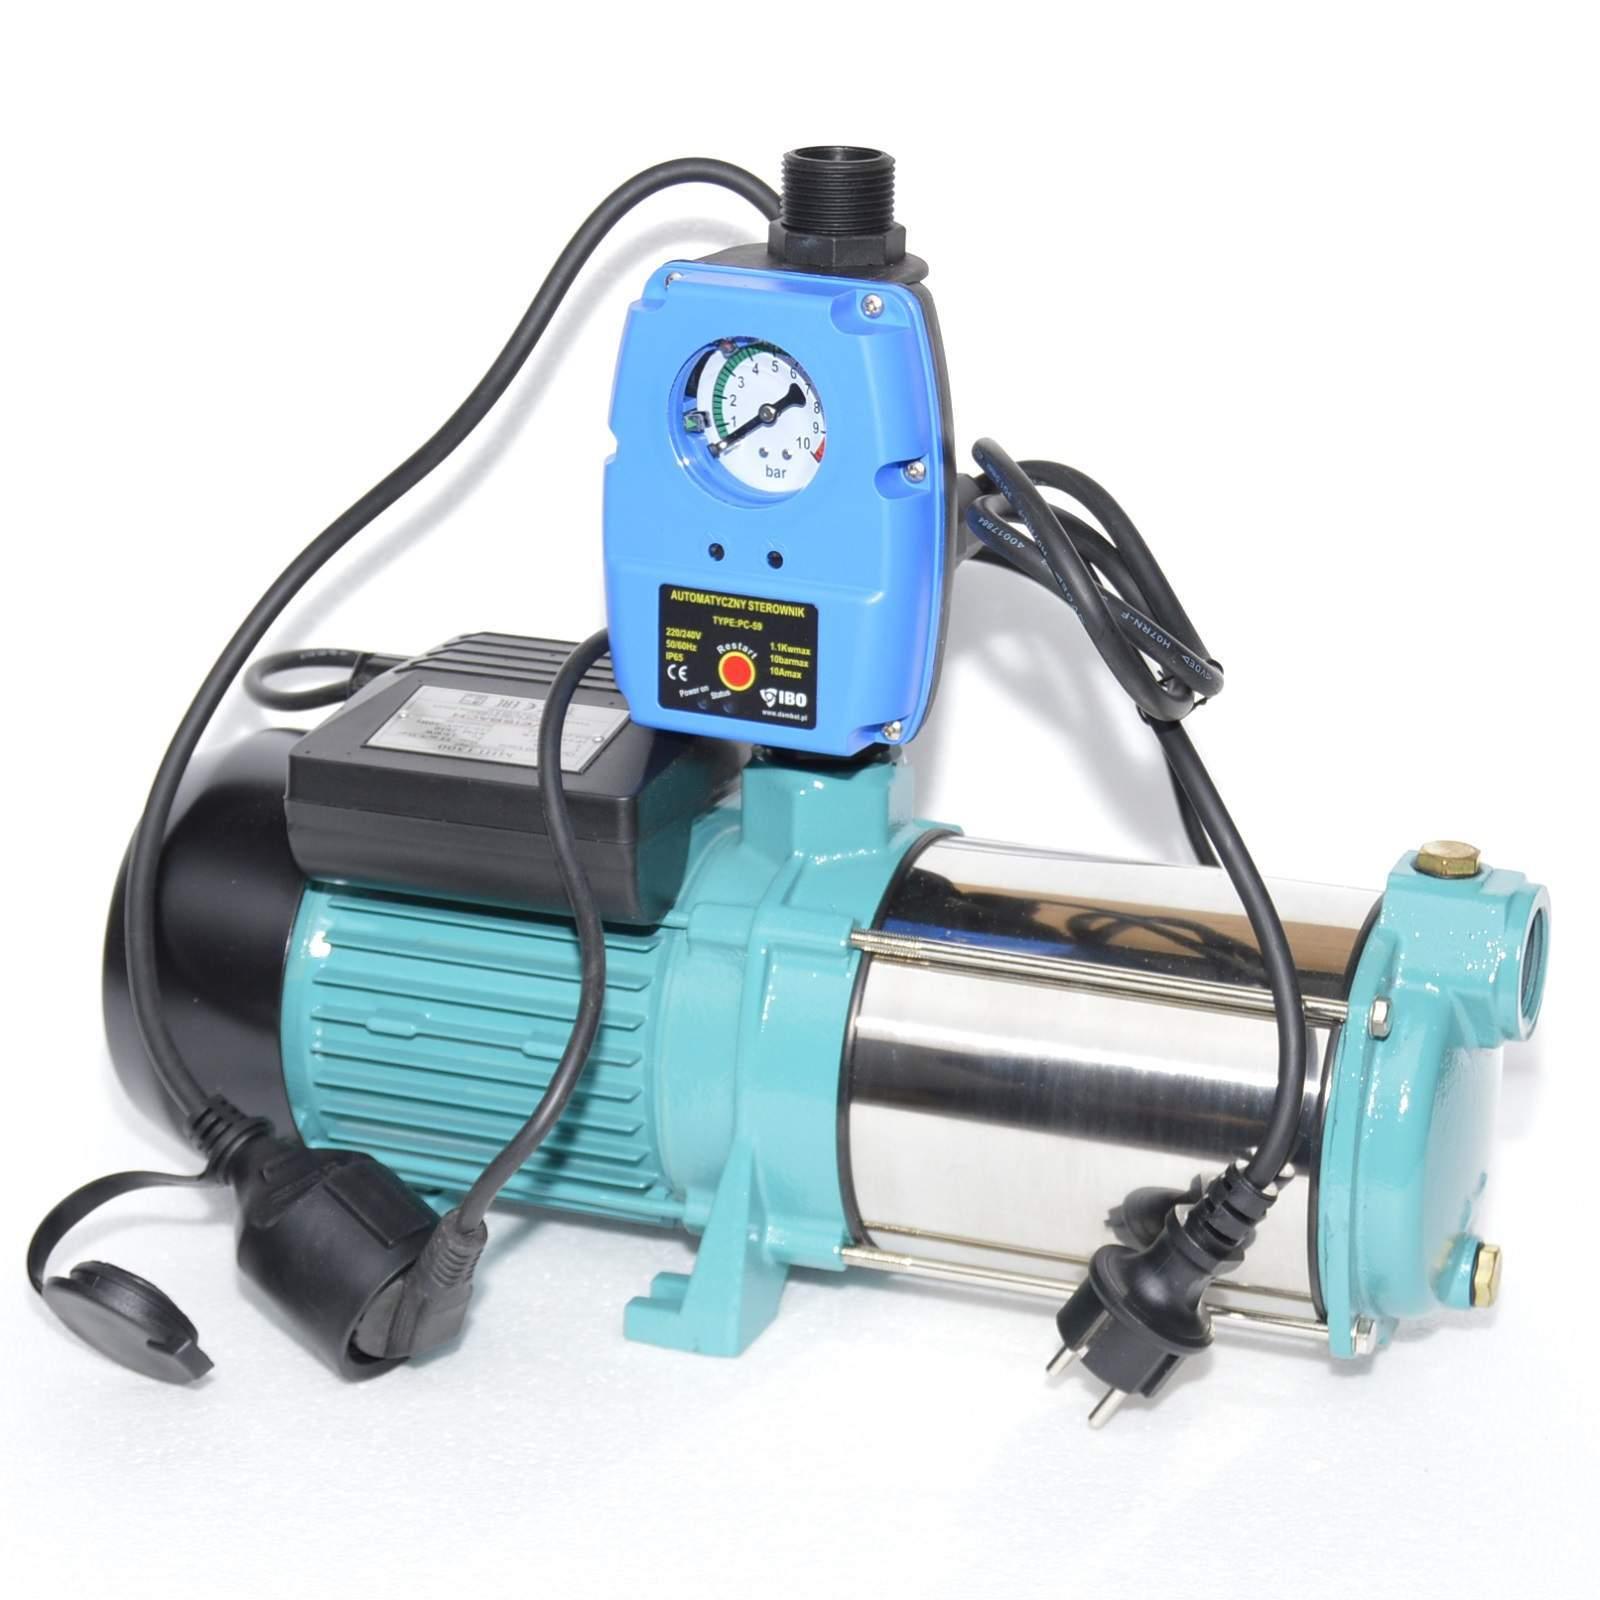 garten pumpen das beste von kreiselpumpe hauswasserwerk gartenpumpe 1300 watt 6000 l h 5 5 bar of garten pumpen